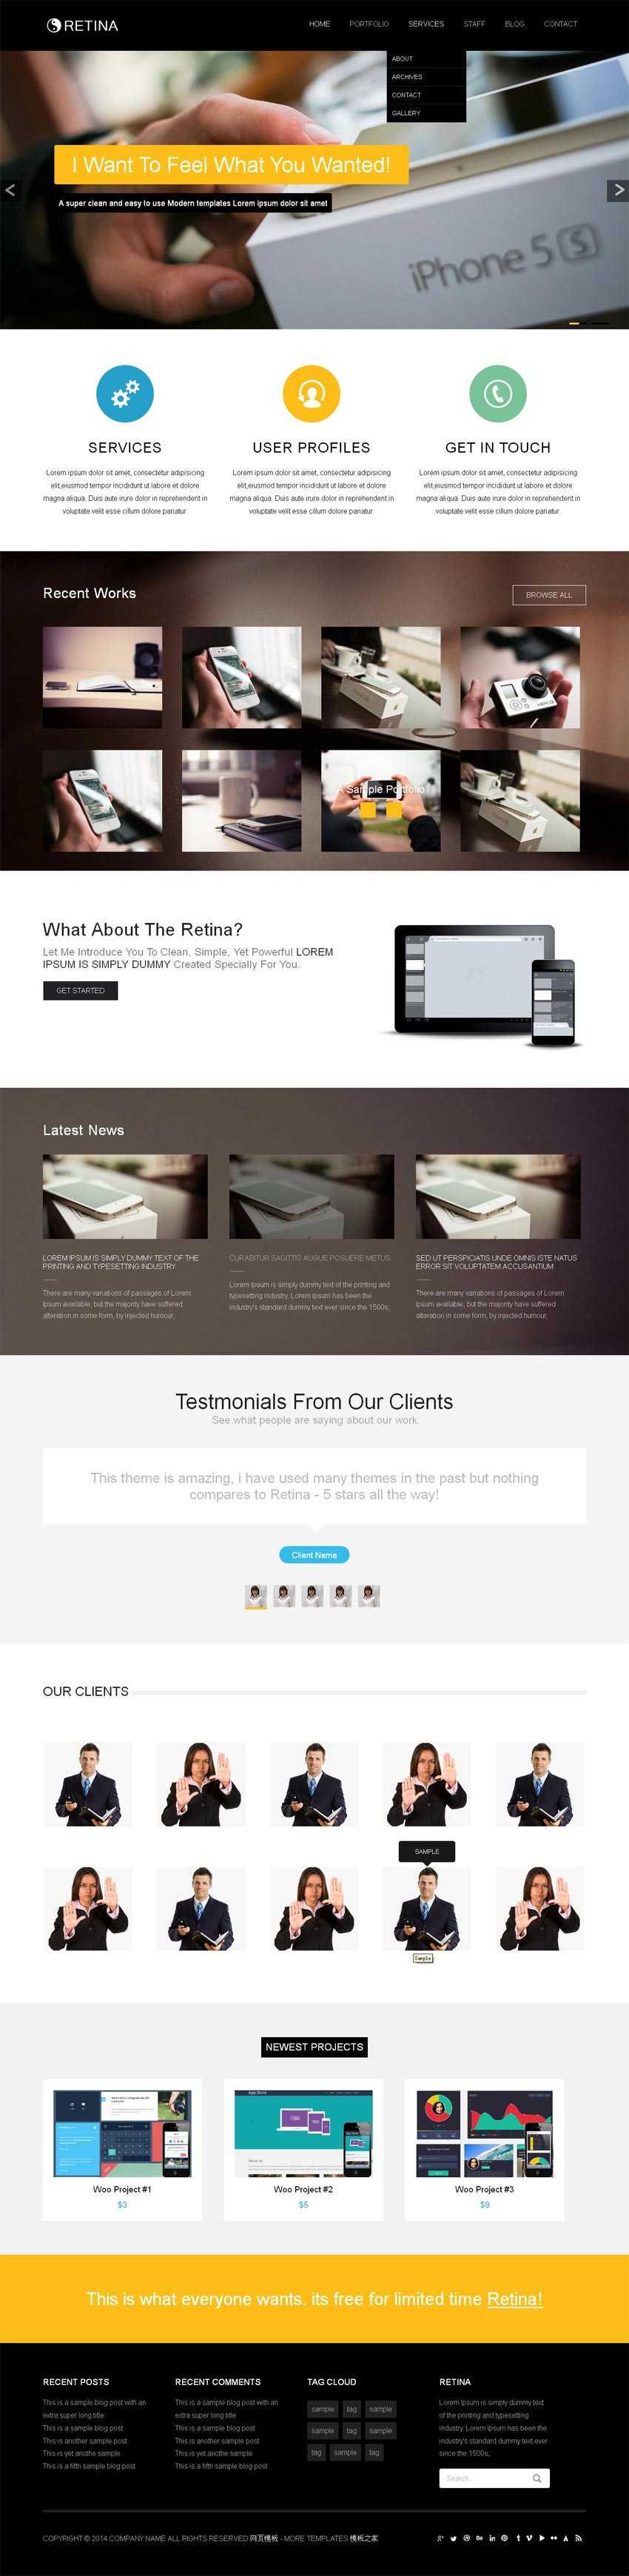 黑色简洁的IT商务网站响应式模板html整站下载